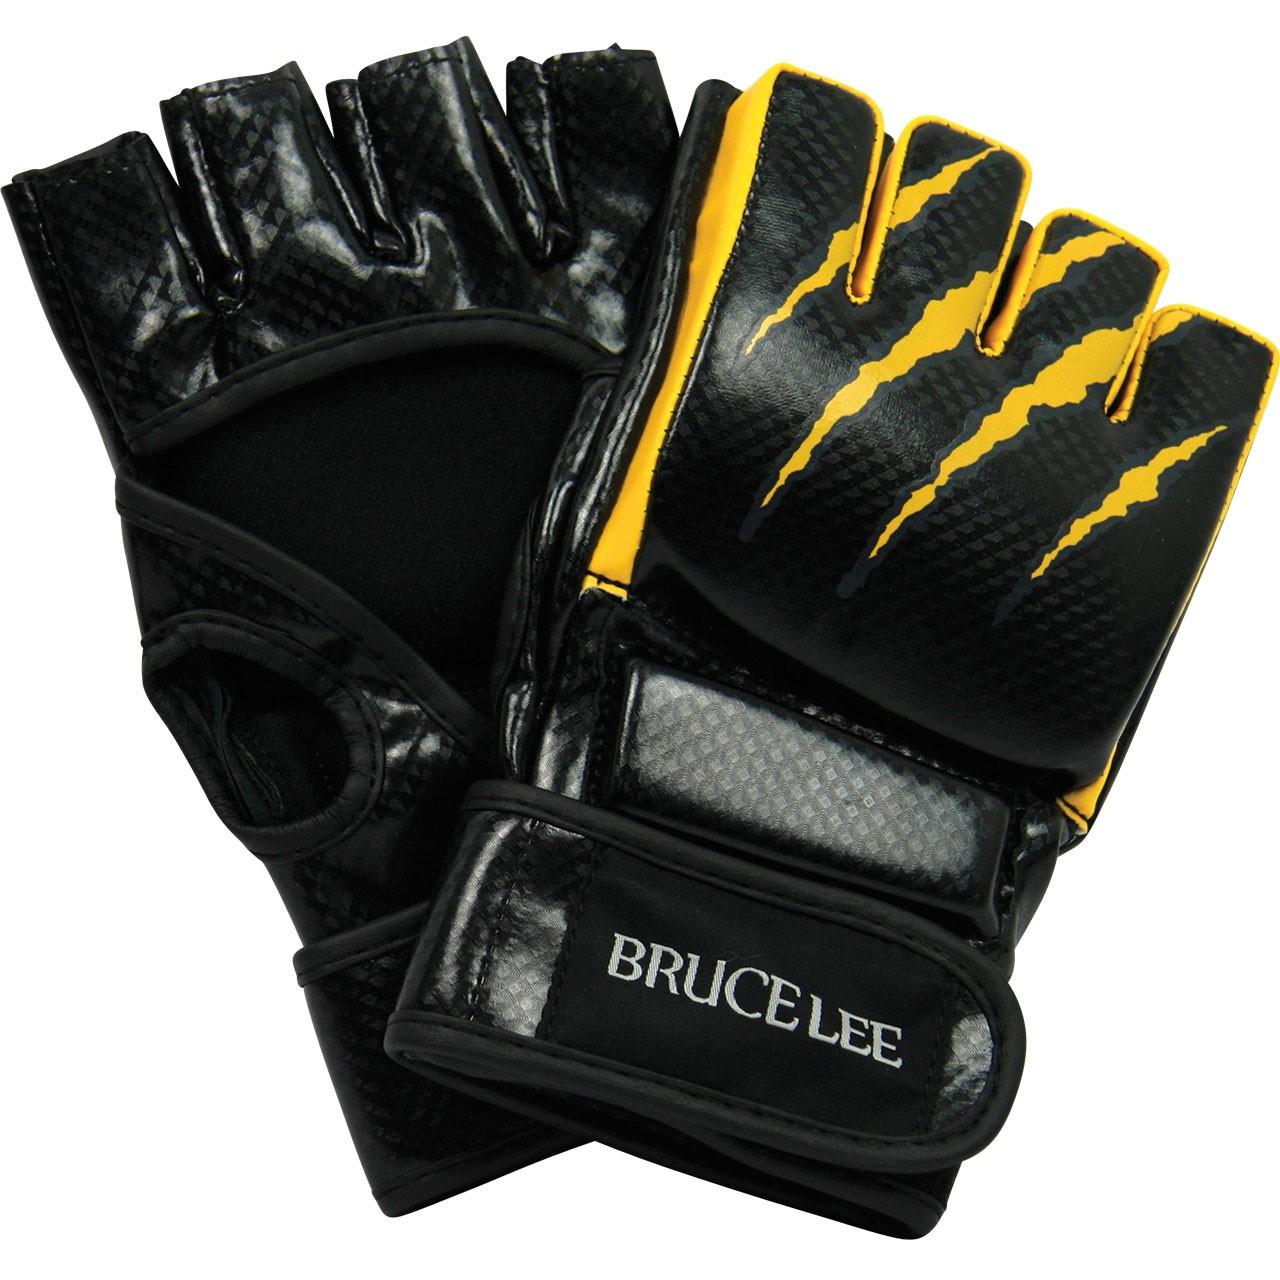 0eab0fe6223 MMA rukavice XL BRUCE LEE Signature